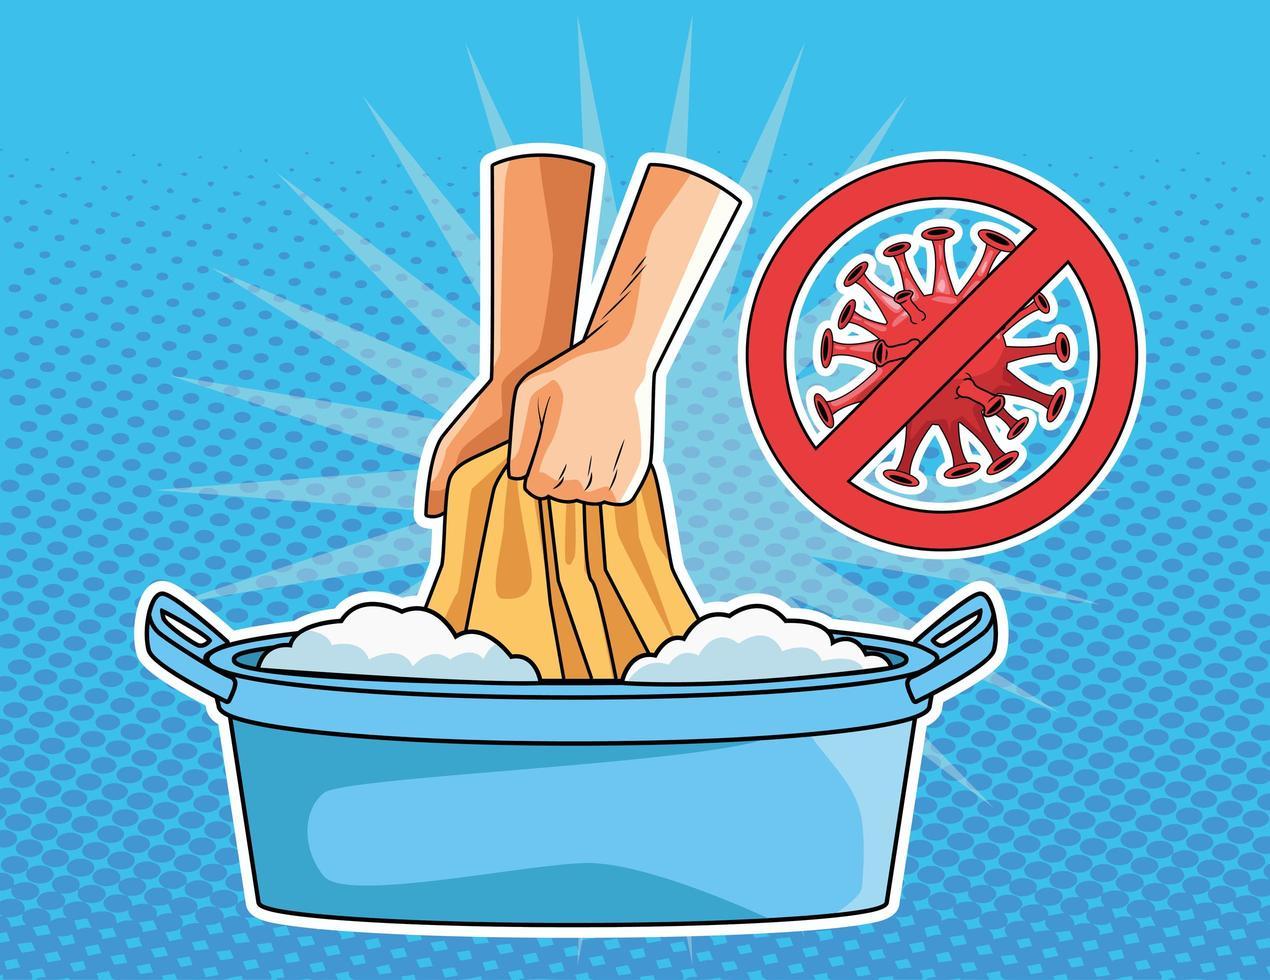 prevenzione del lavaggio dei vestiti vettore